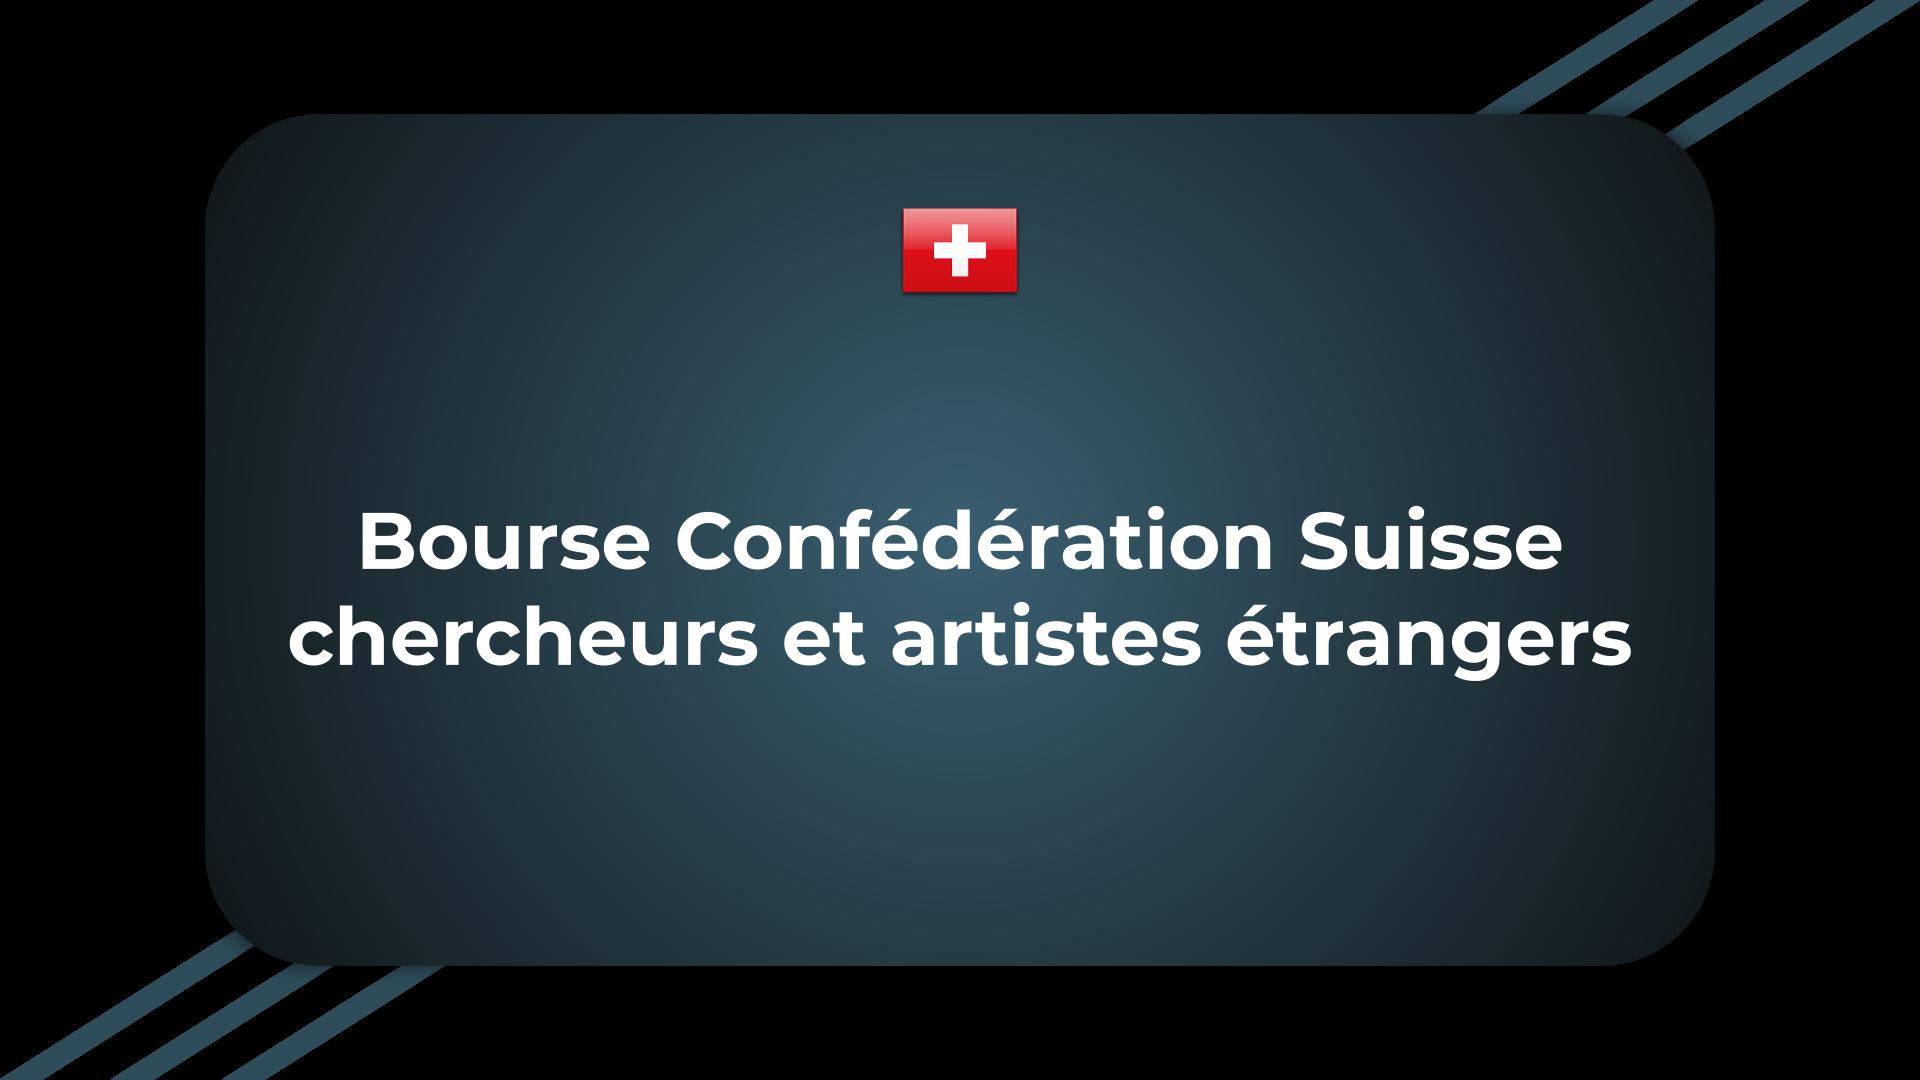 Bourse Confédération Suisse chercheurs et artistes étrangers